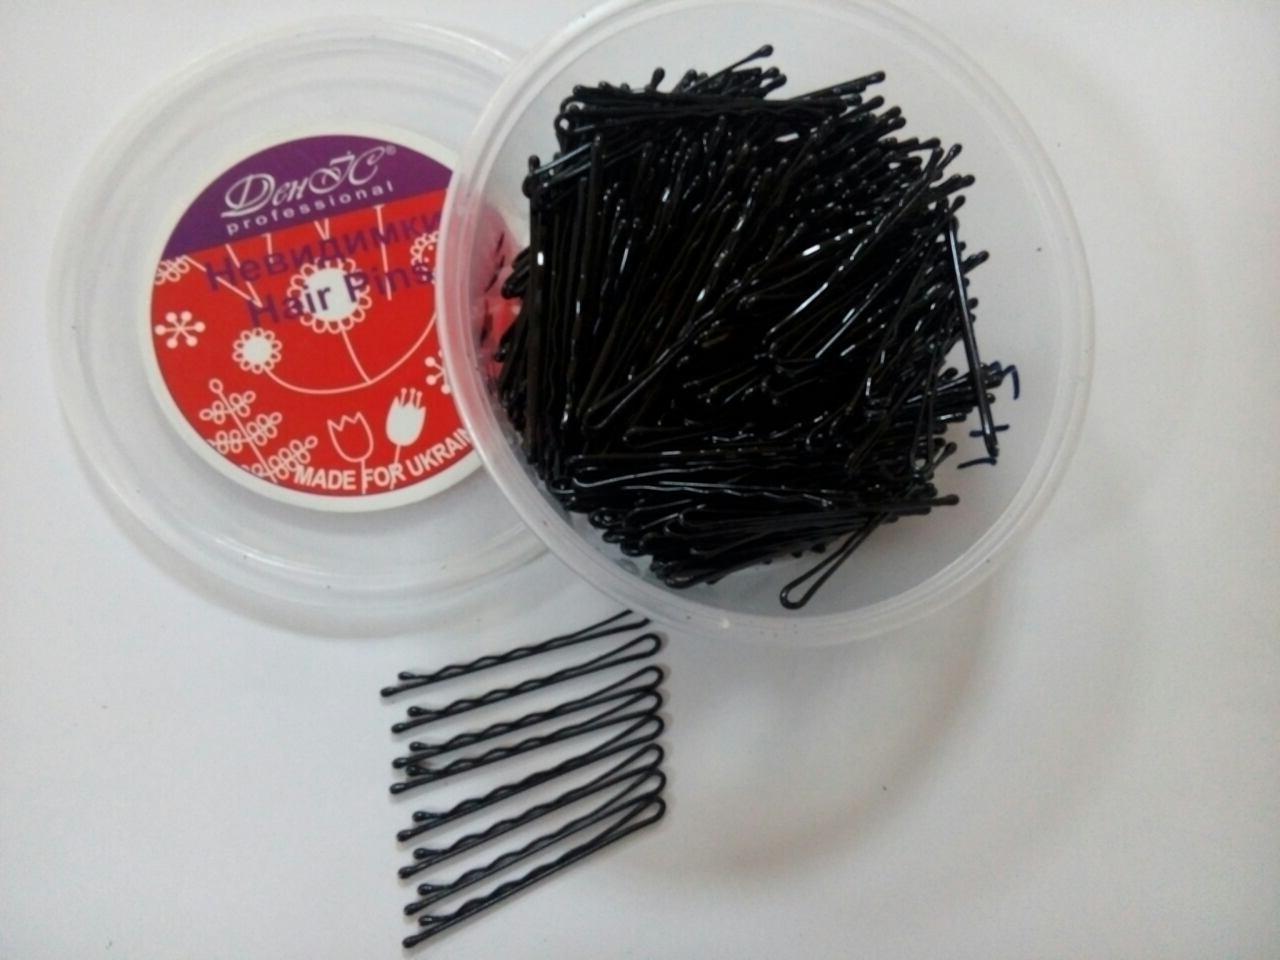 Невидимки В11 черные 370 шт 5.5 см